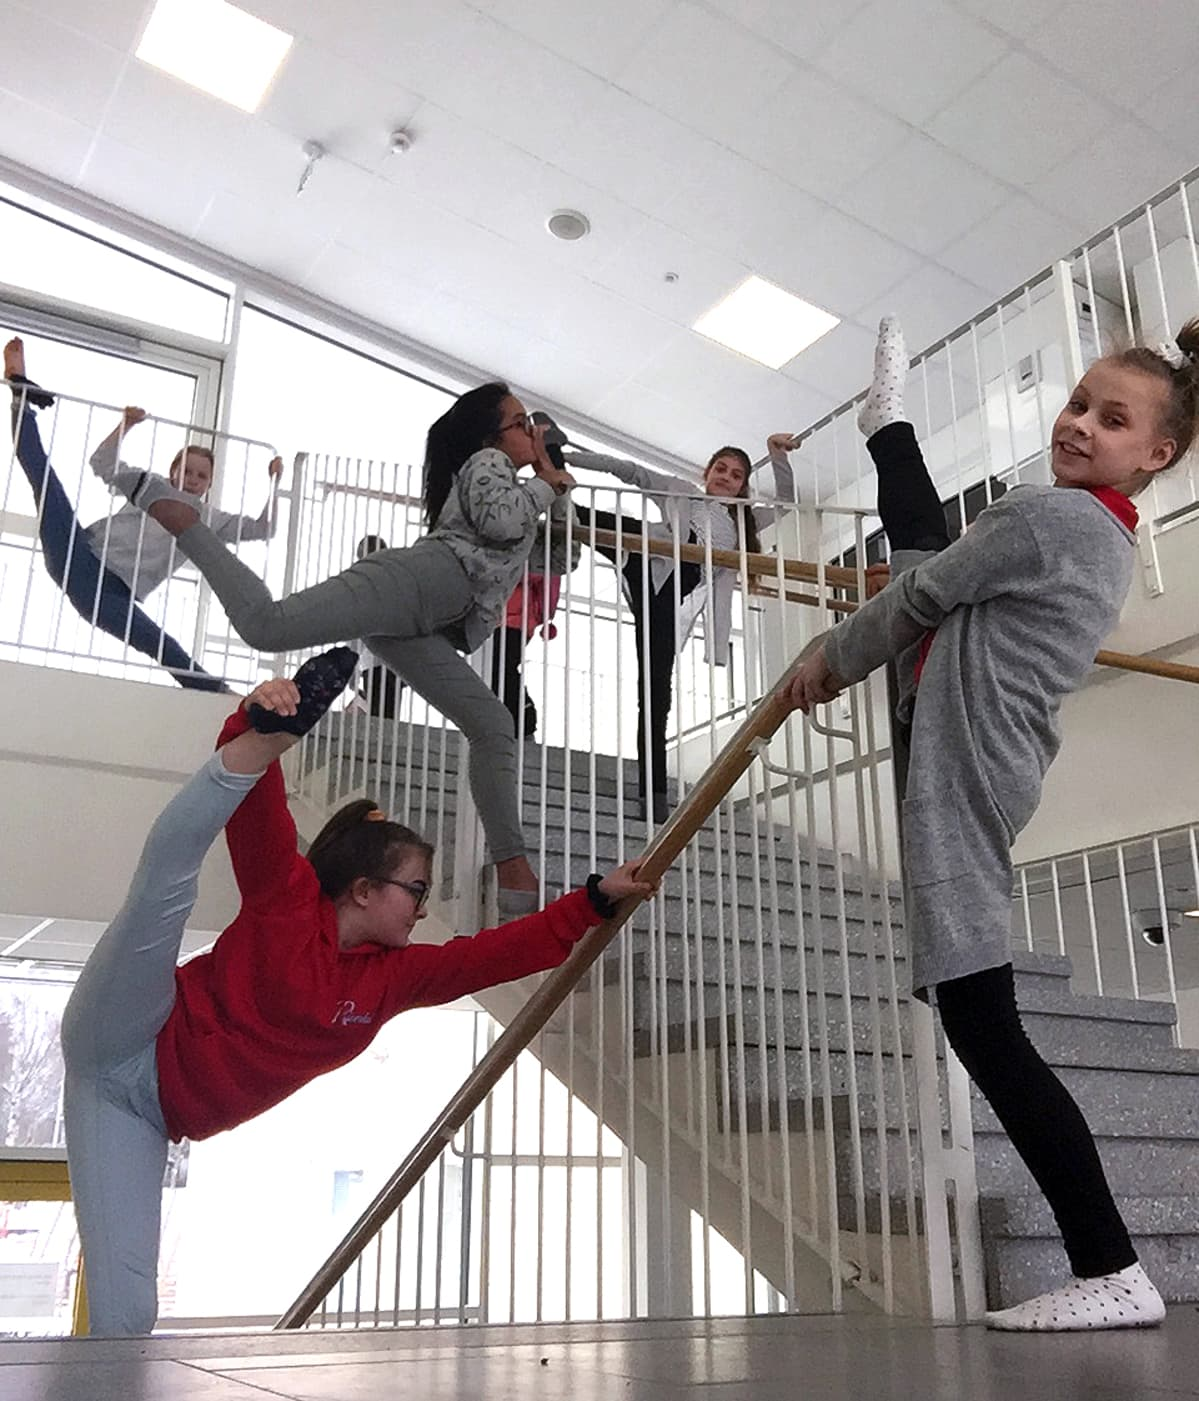 Joukko lapsia venyttelee portaissa.